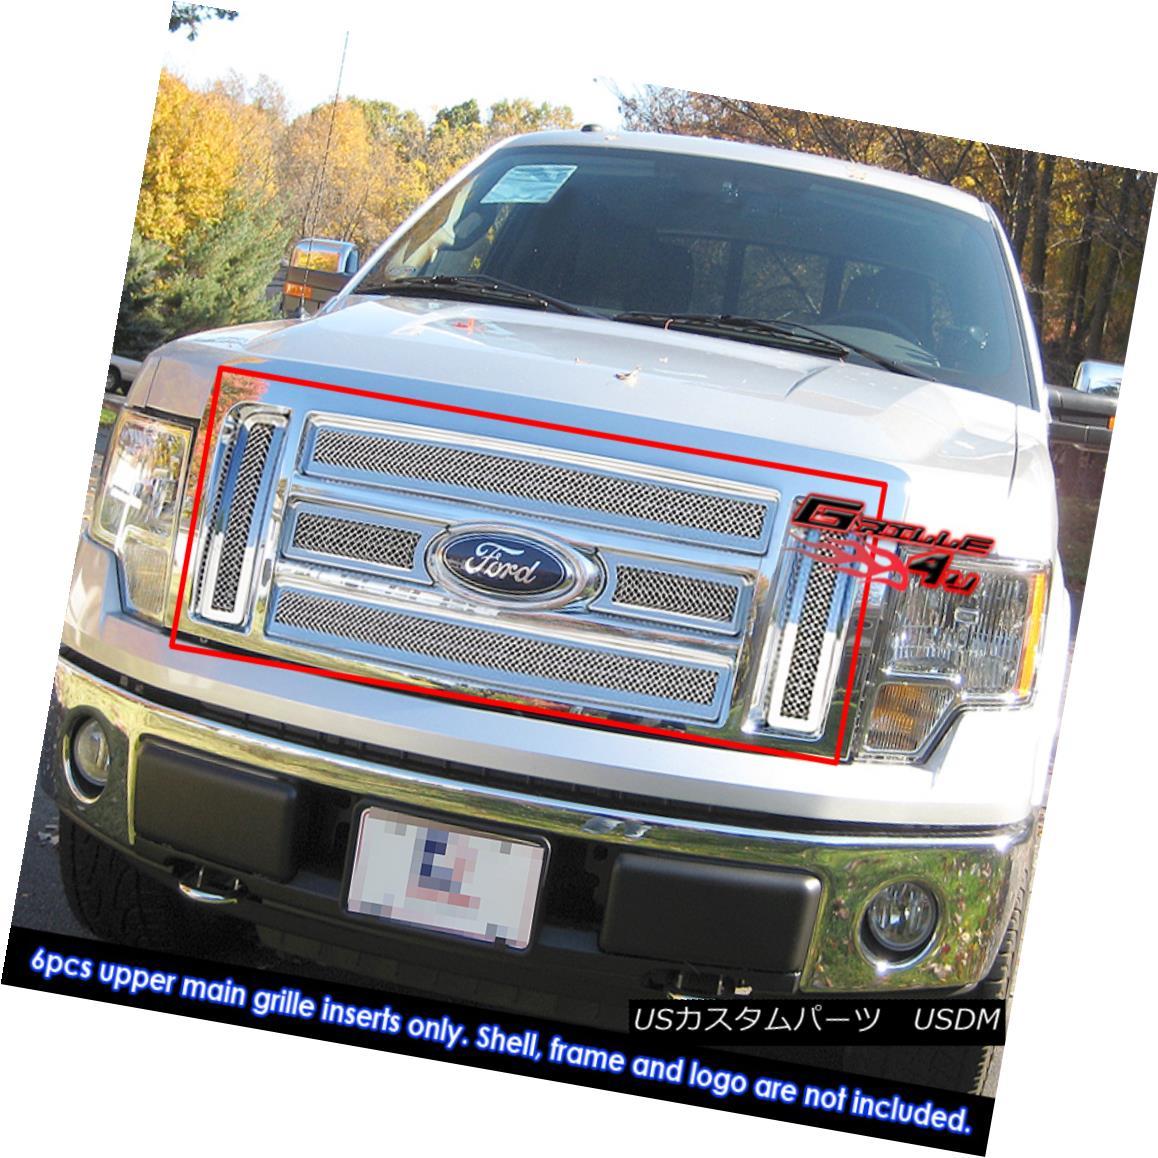 グリル Fits 2009-2011 Ford F150 Lariat/King Ranch Mesh Grille フィット2009-2011フォードF150ラリアット/キングランチメッシュグリル